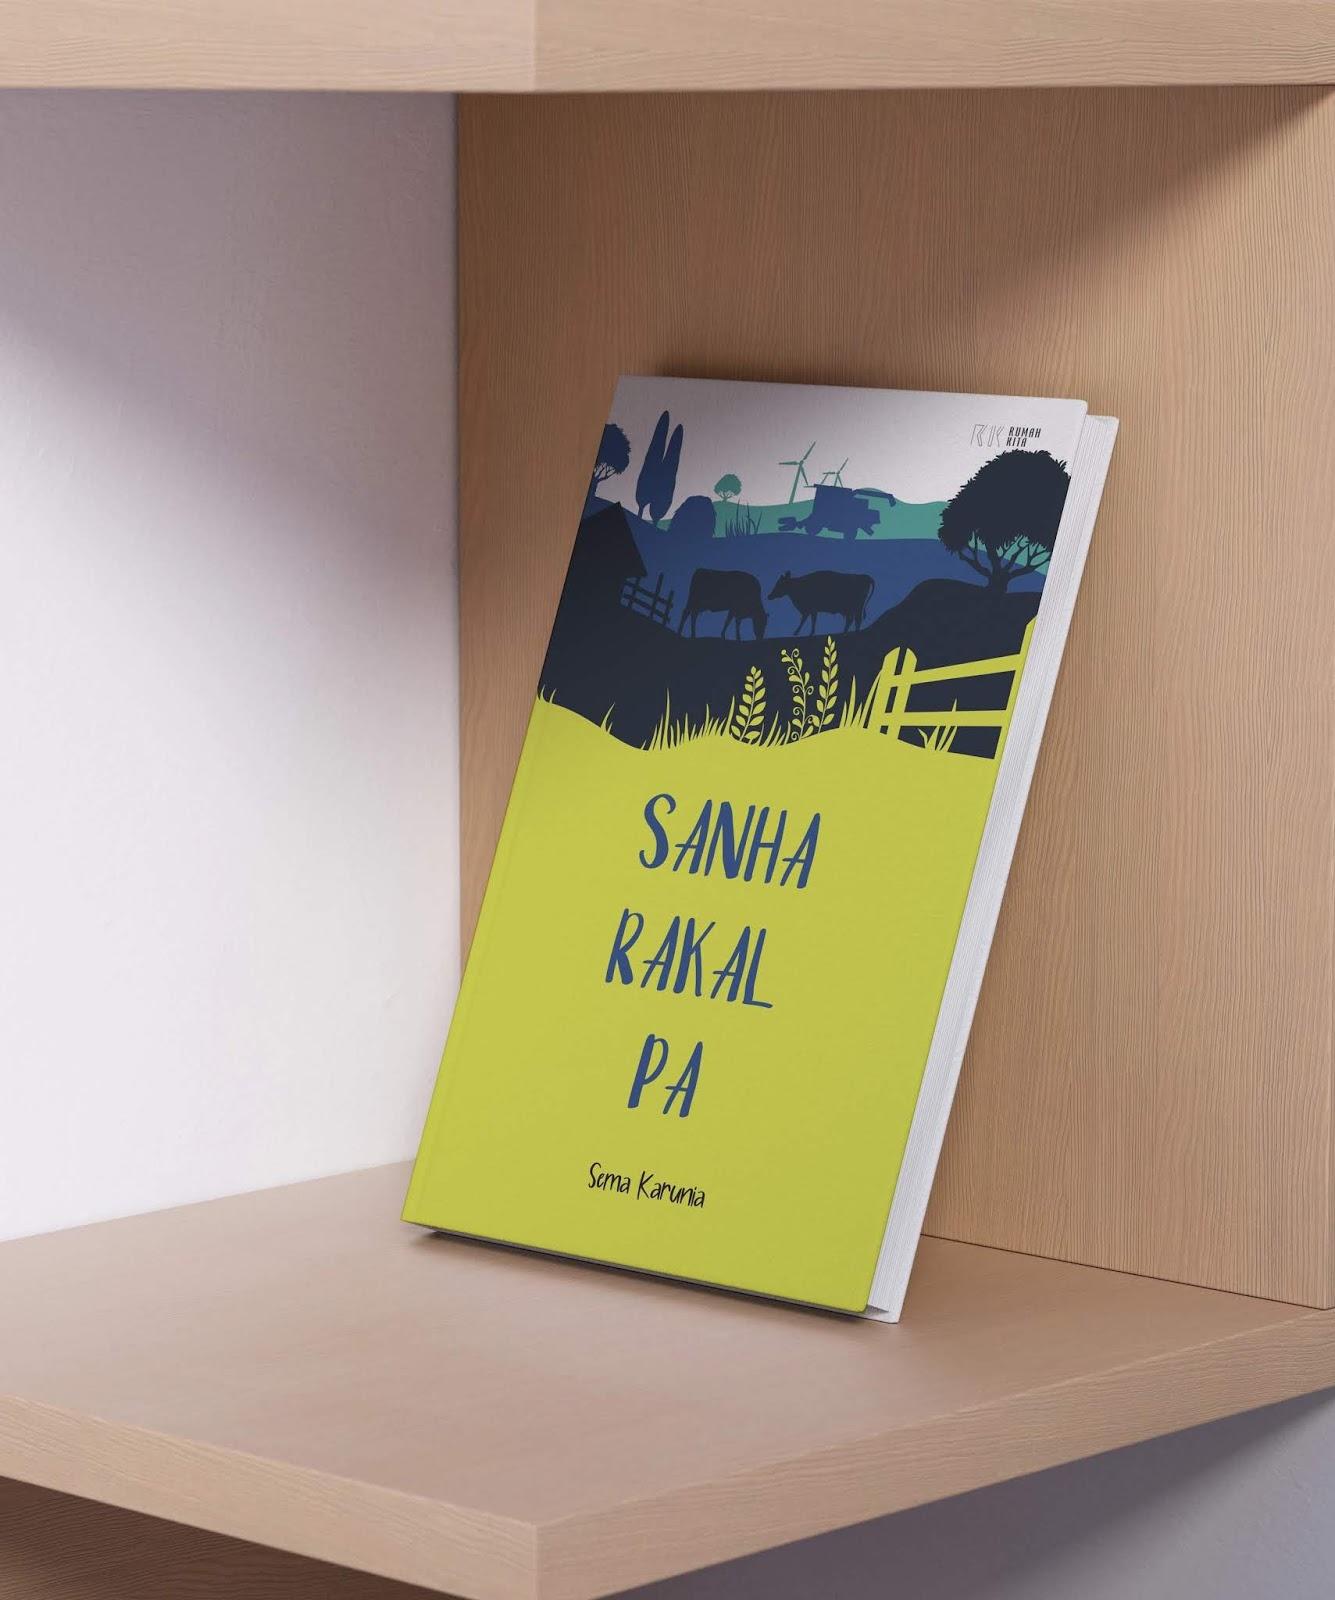 Sanharakalpa